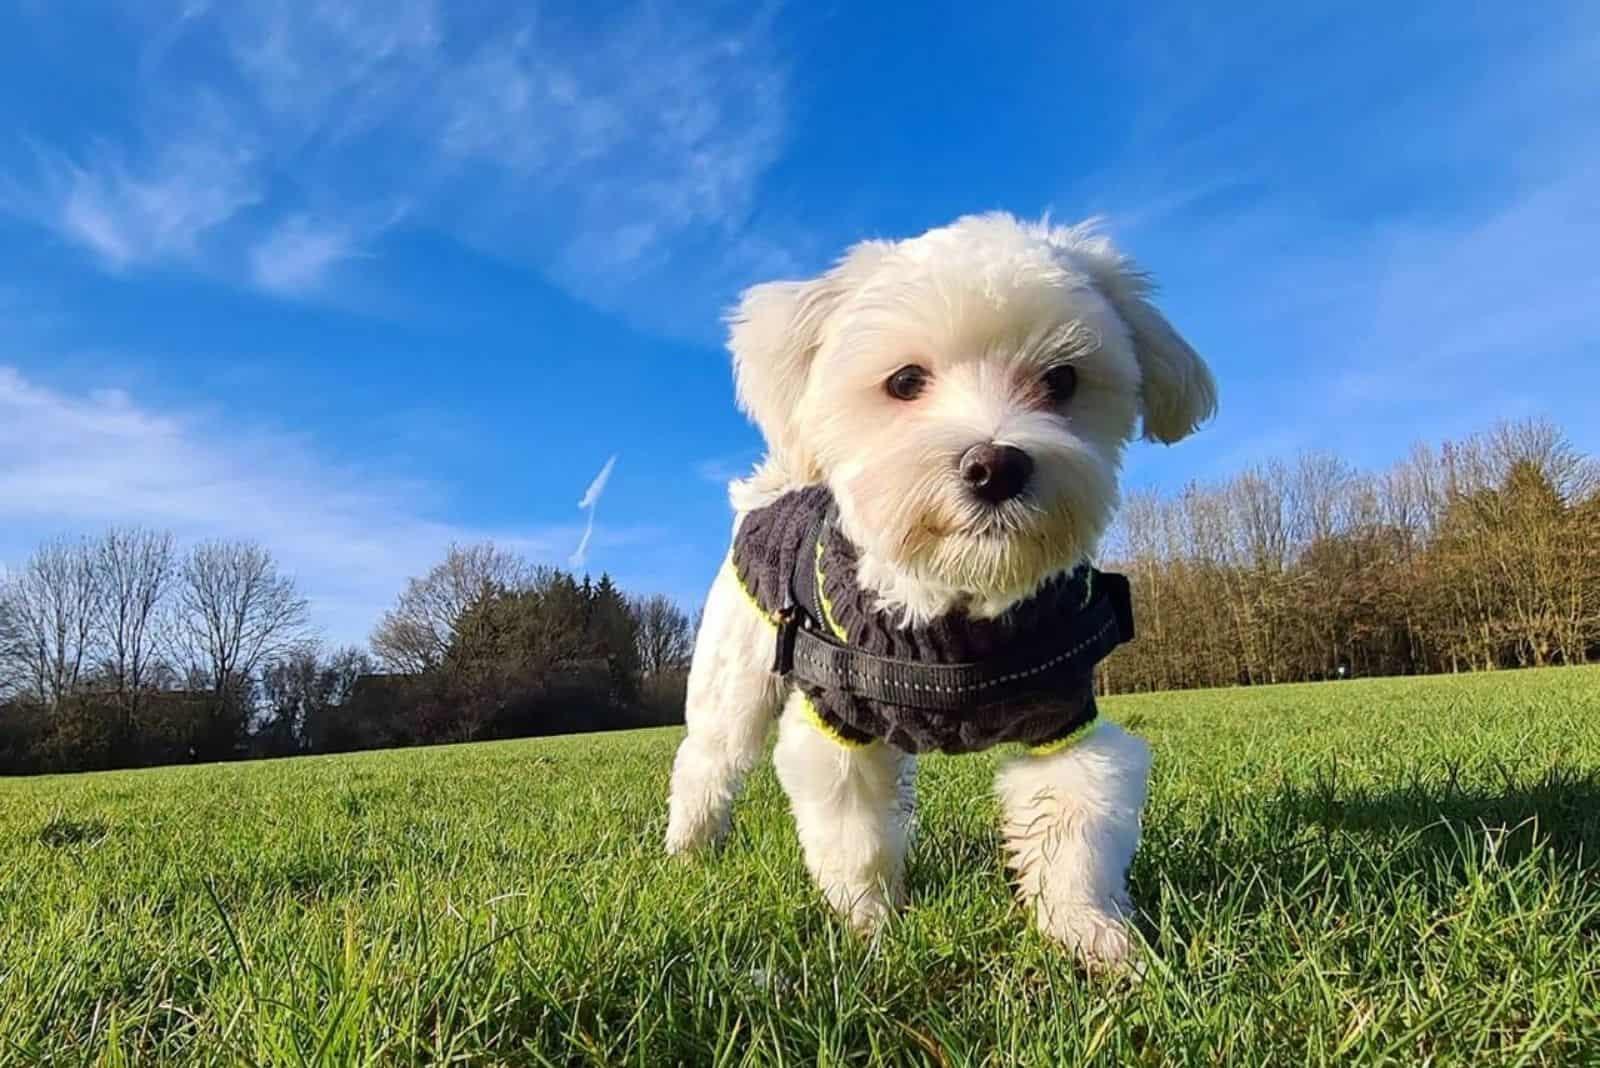 Kyi Leo Hund spielt in der Natur